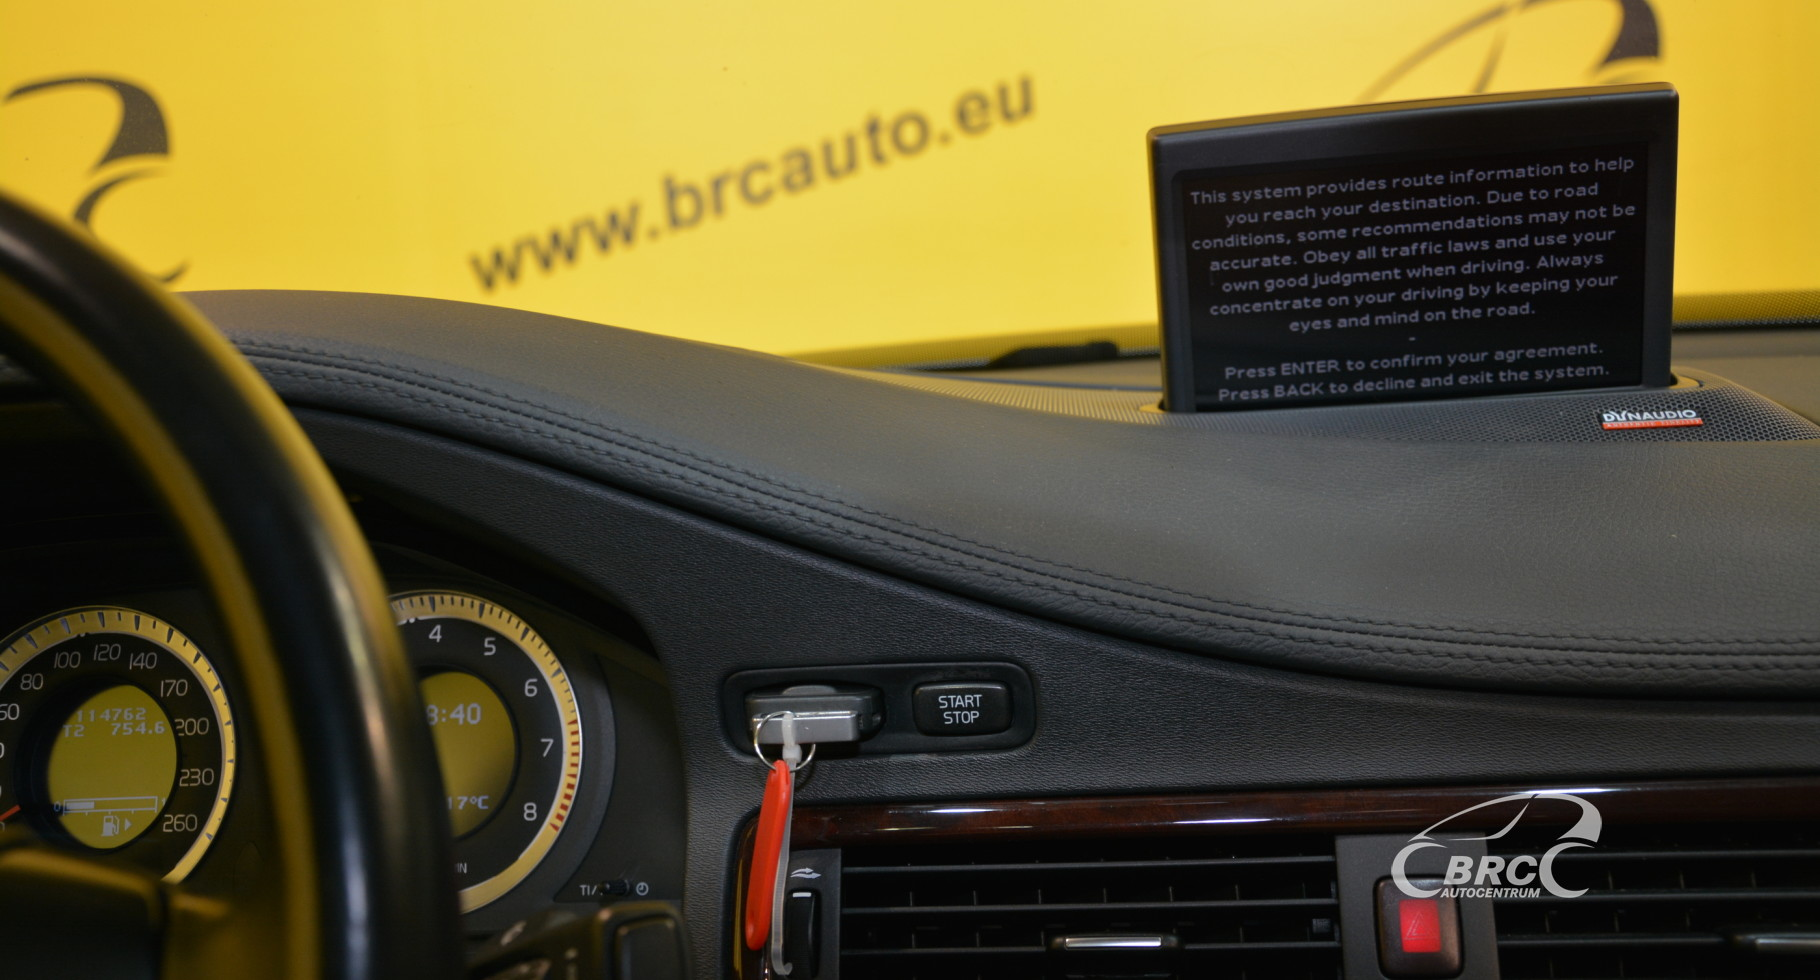 Volvo S80 3.2 i Automatas